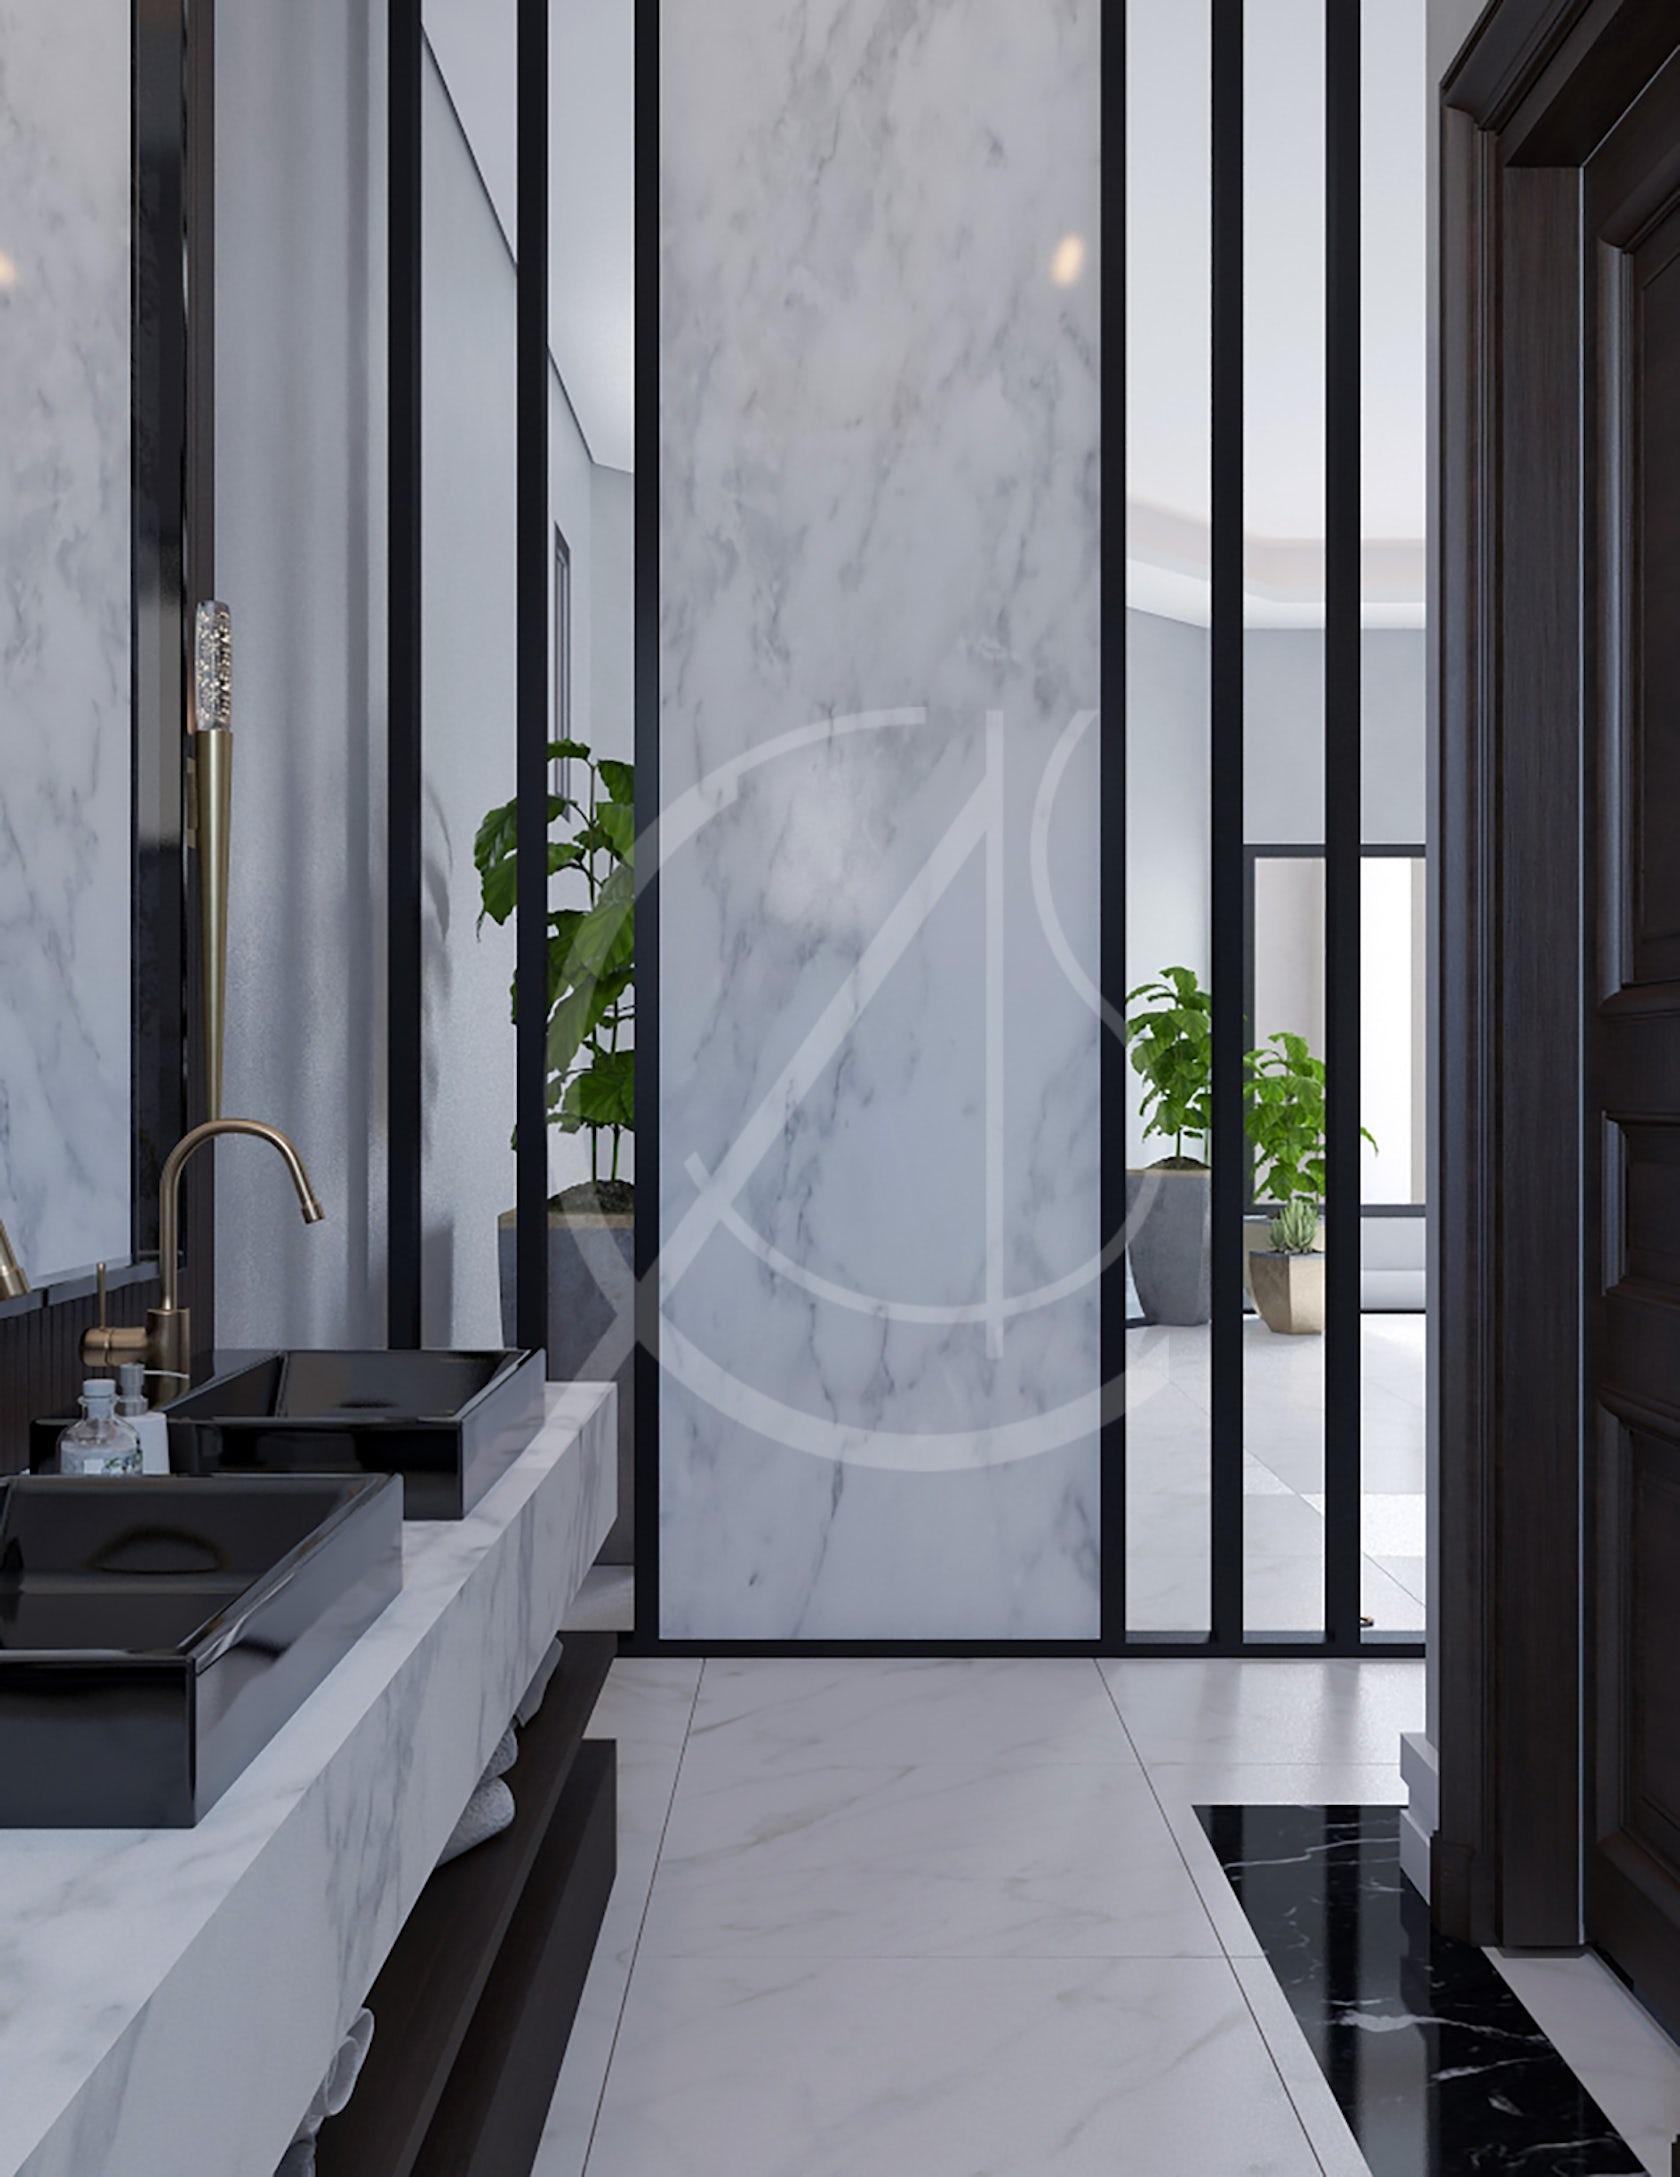 Modern Luxury House Interior Design By Comelite Architecture Structure And Interior Design Architizer